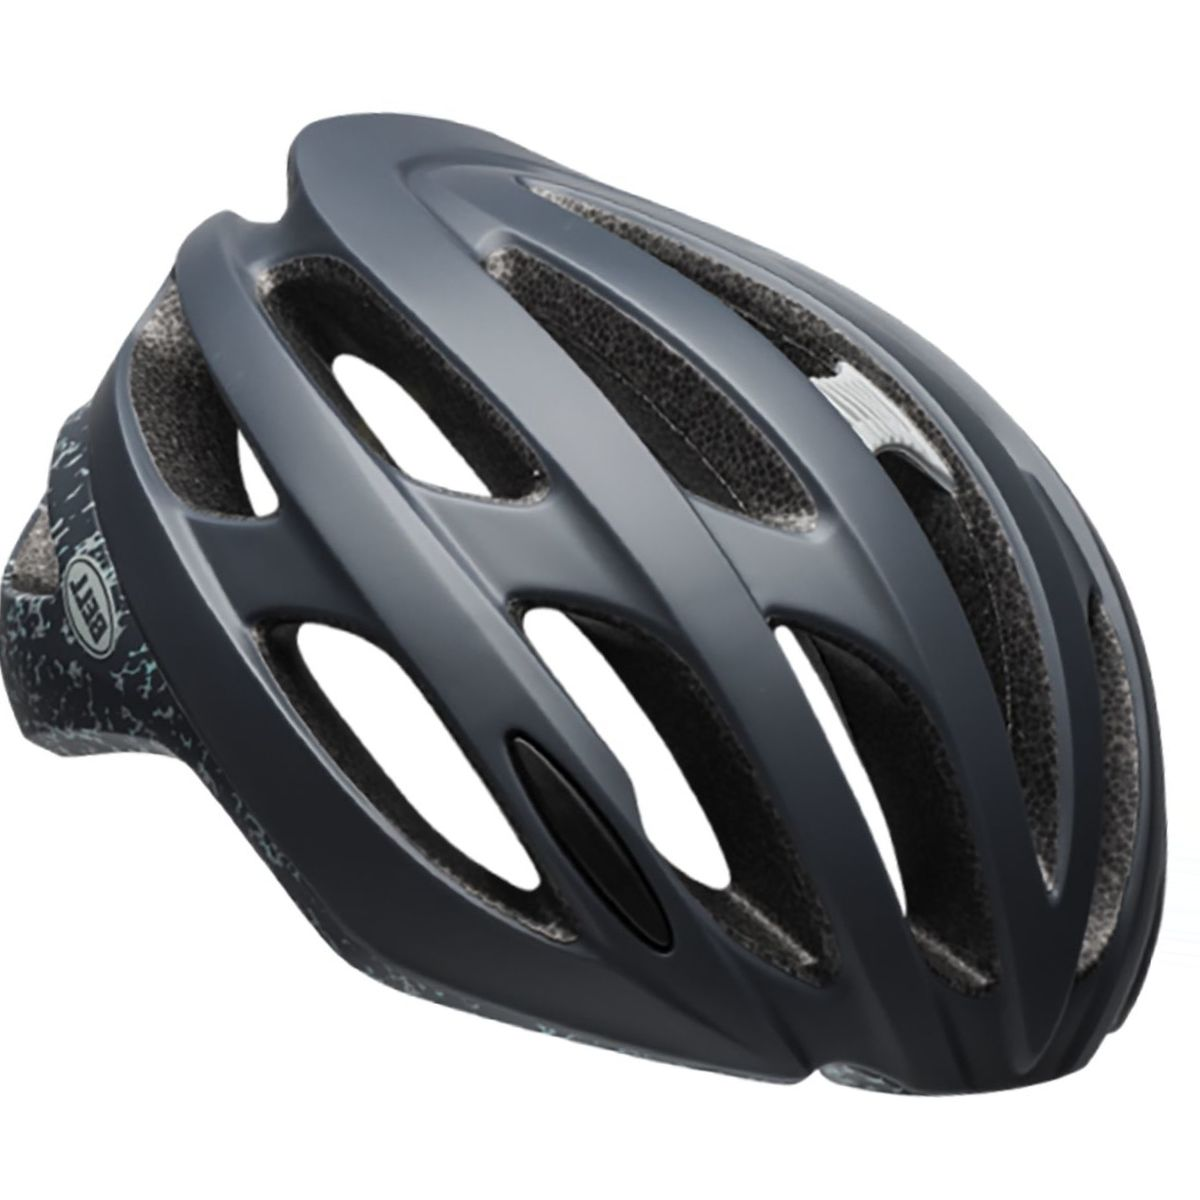 Bell Falcon MIPS Helmet - Women's